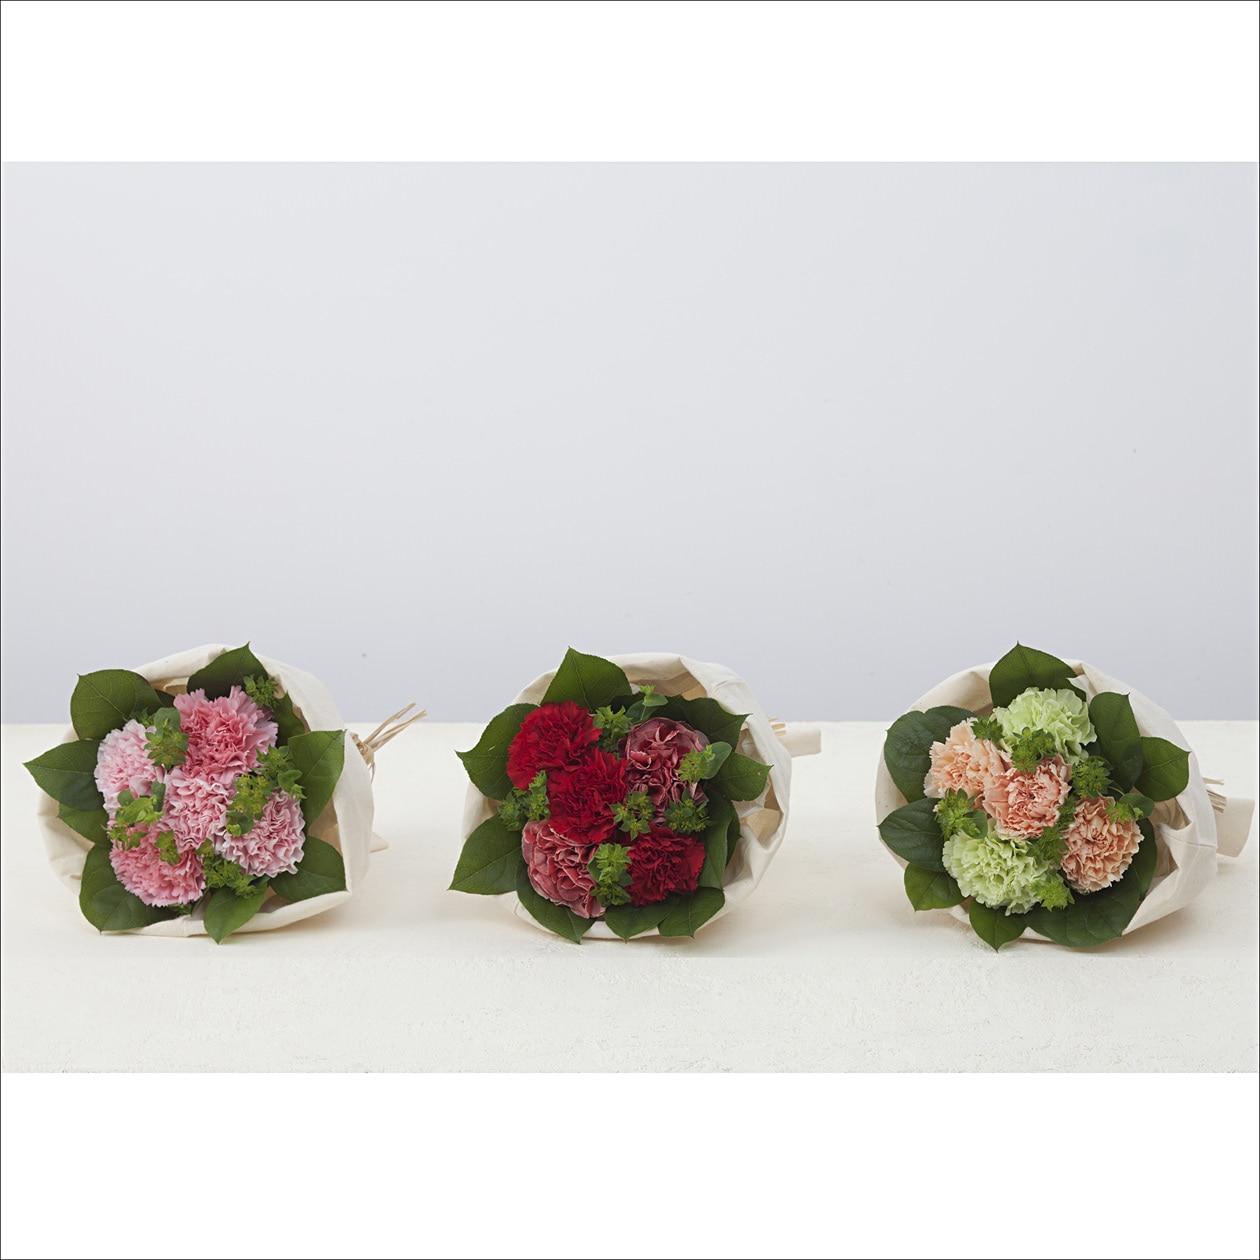 花を入れている器が再利用できる(ものもある)